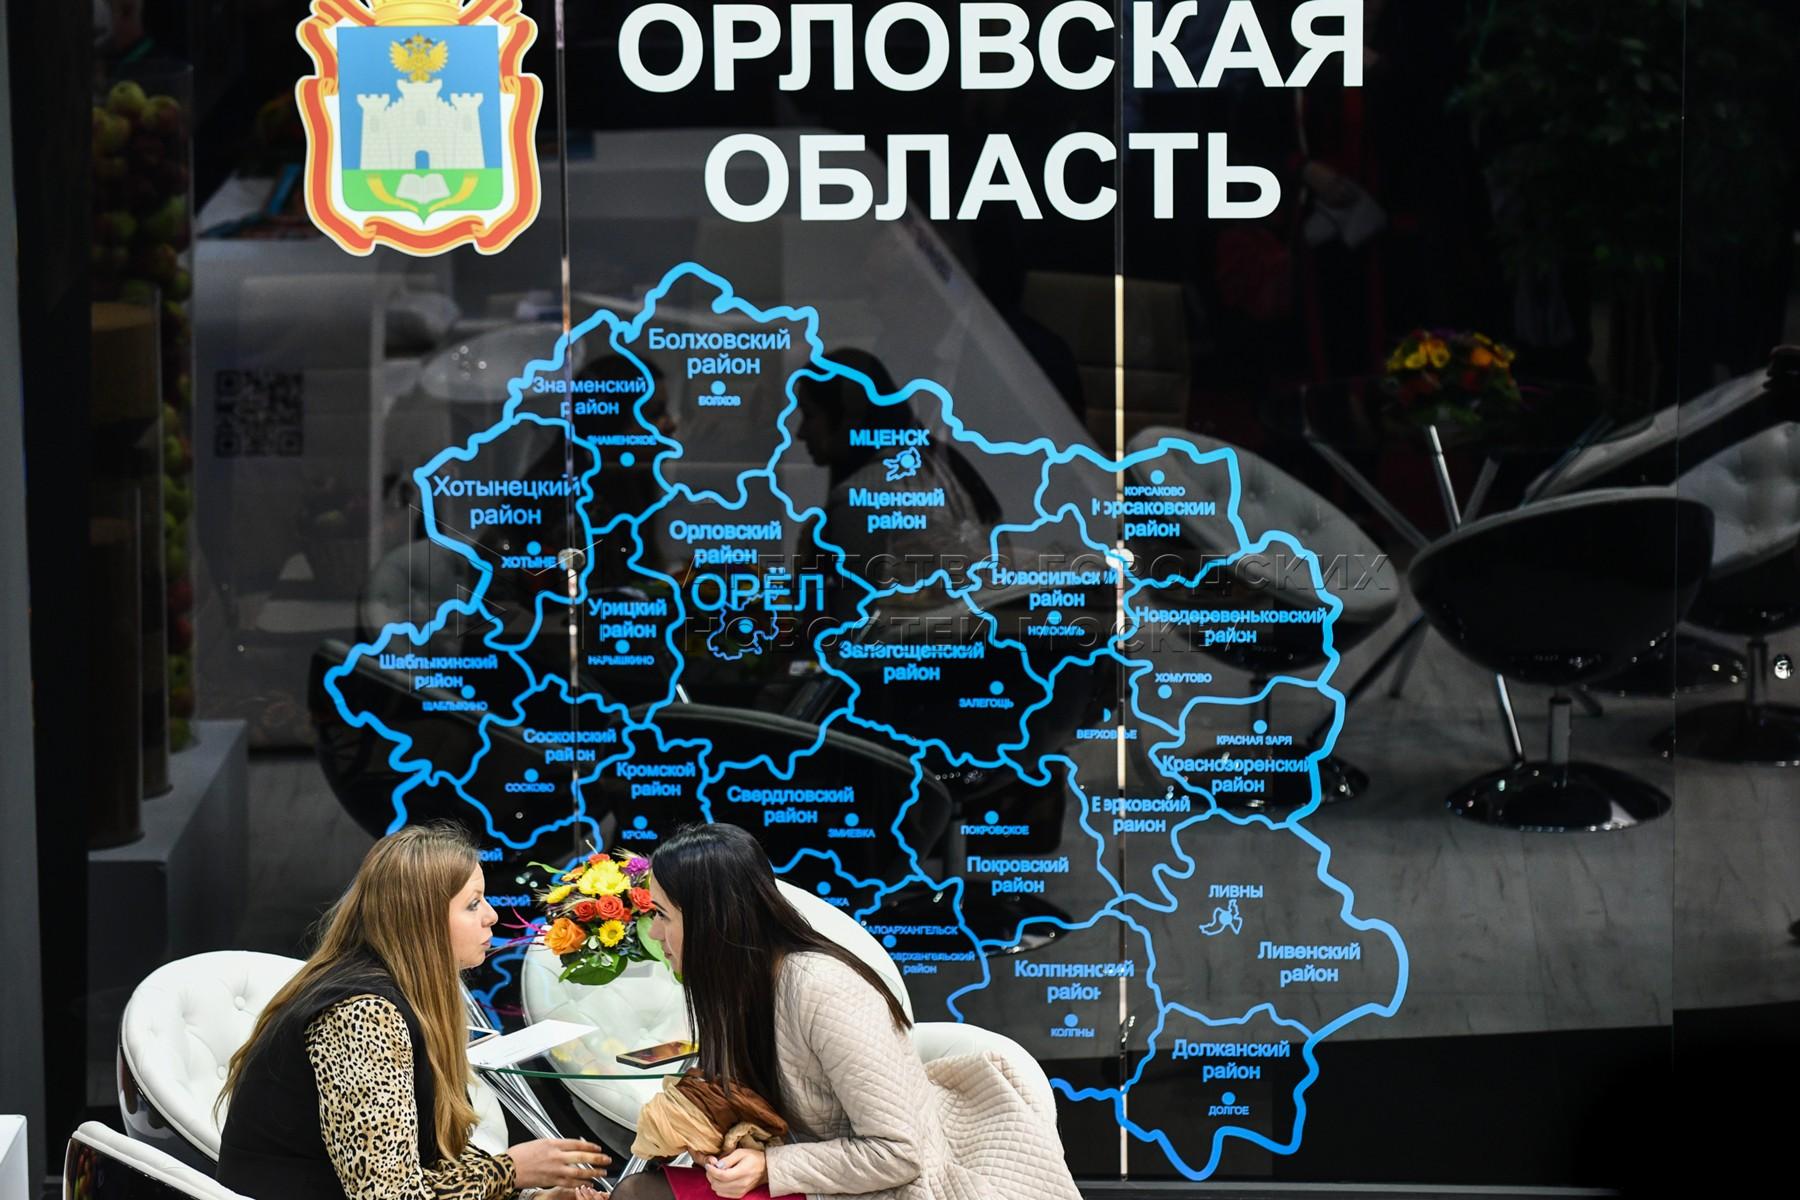 Проведение XX Российской агропромышленной выставки «Золотая осень-2018» на ВДНХ.